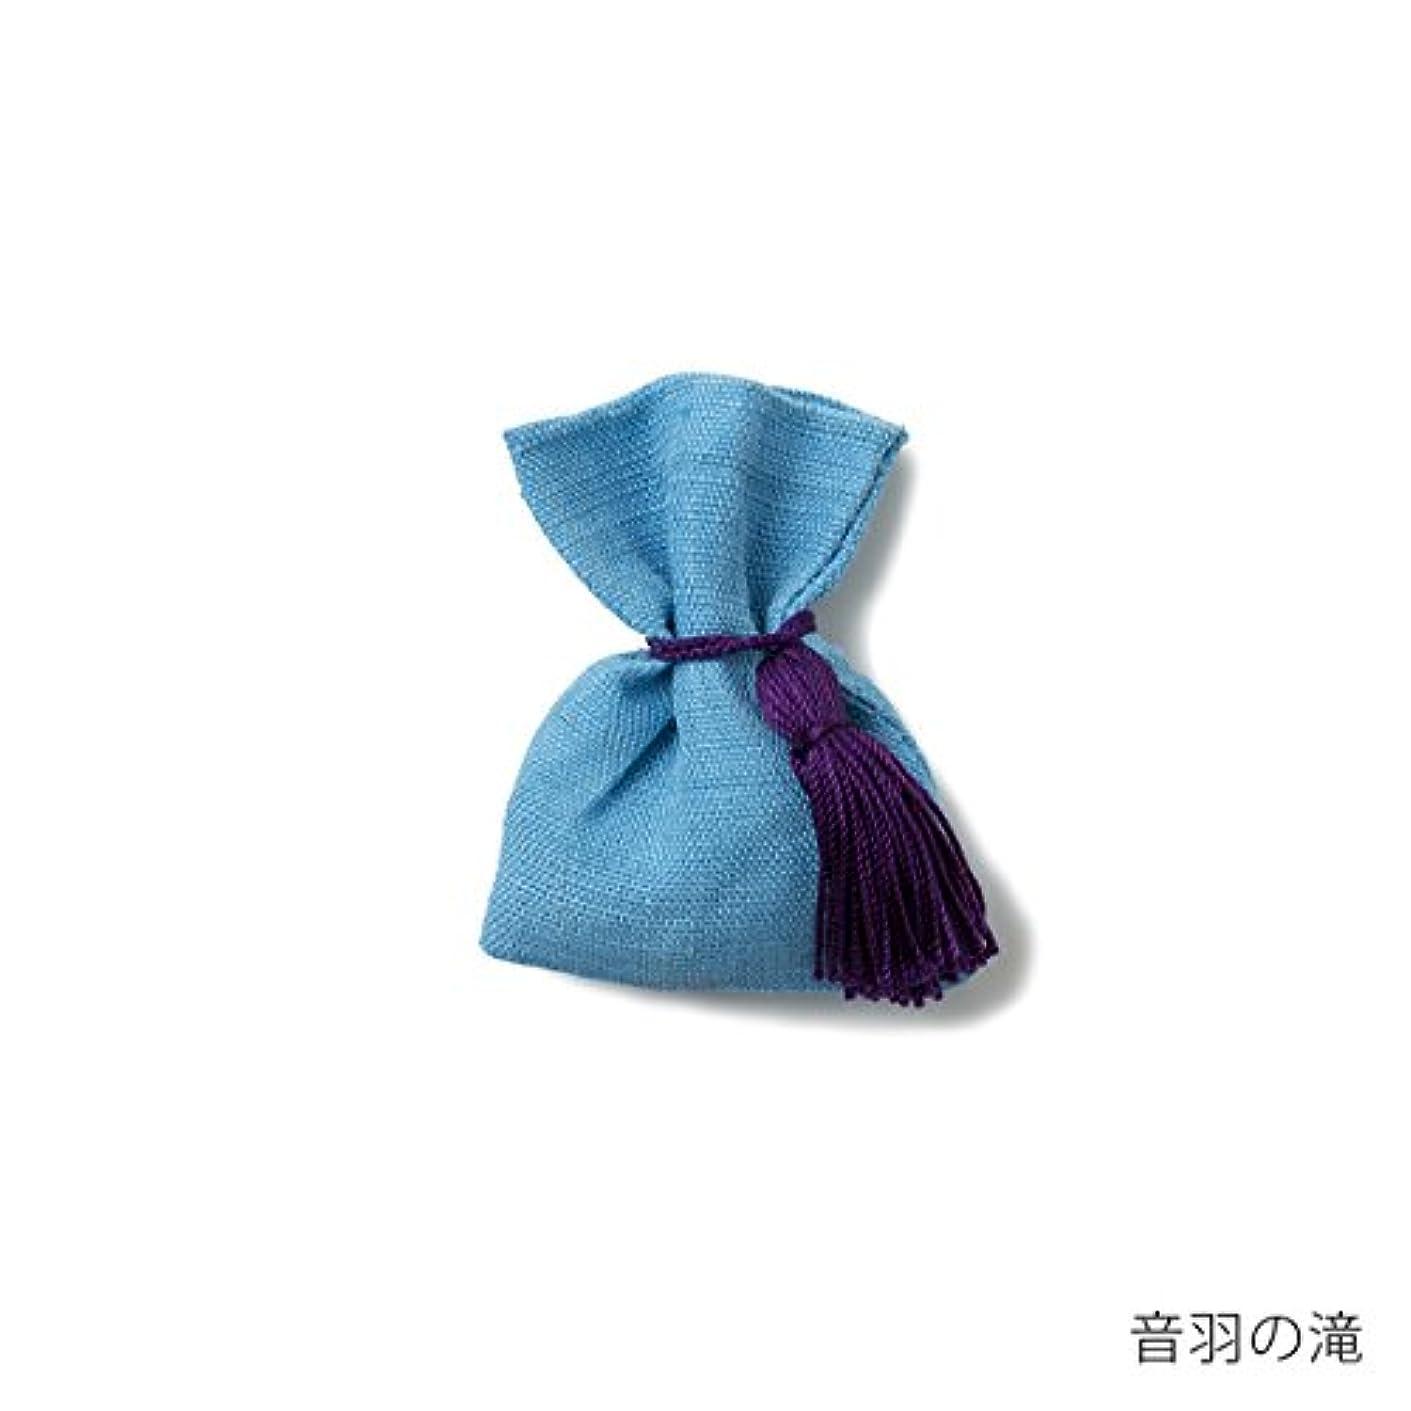 貧困疫病アピール【薫玉堂】 京の香り 香袋 音羽の滝